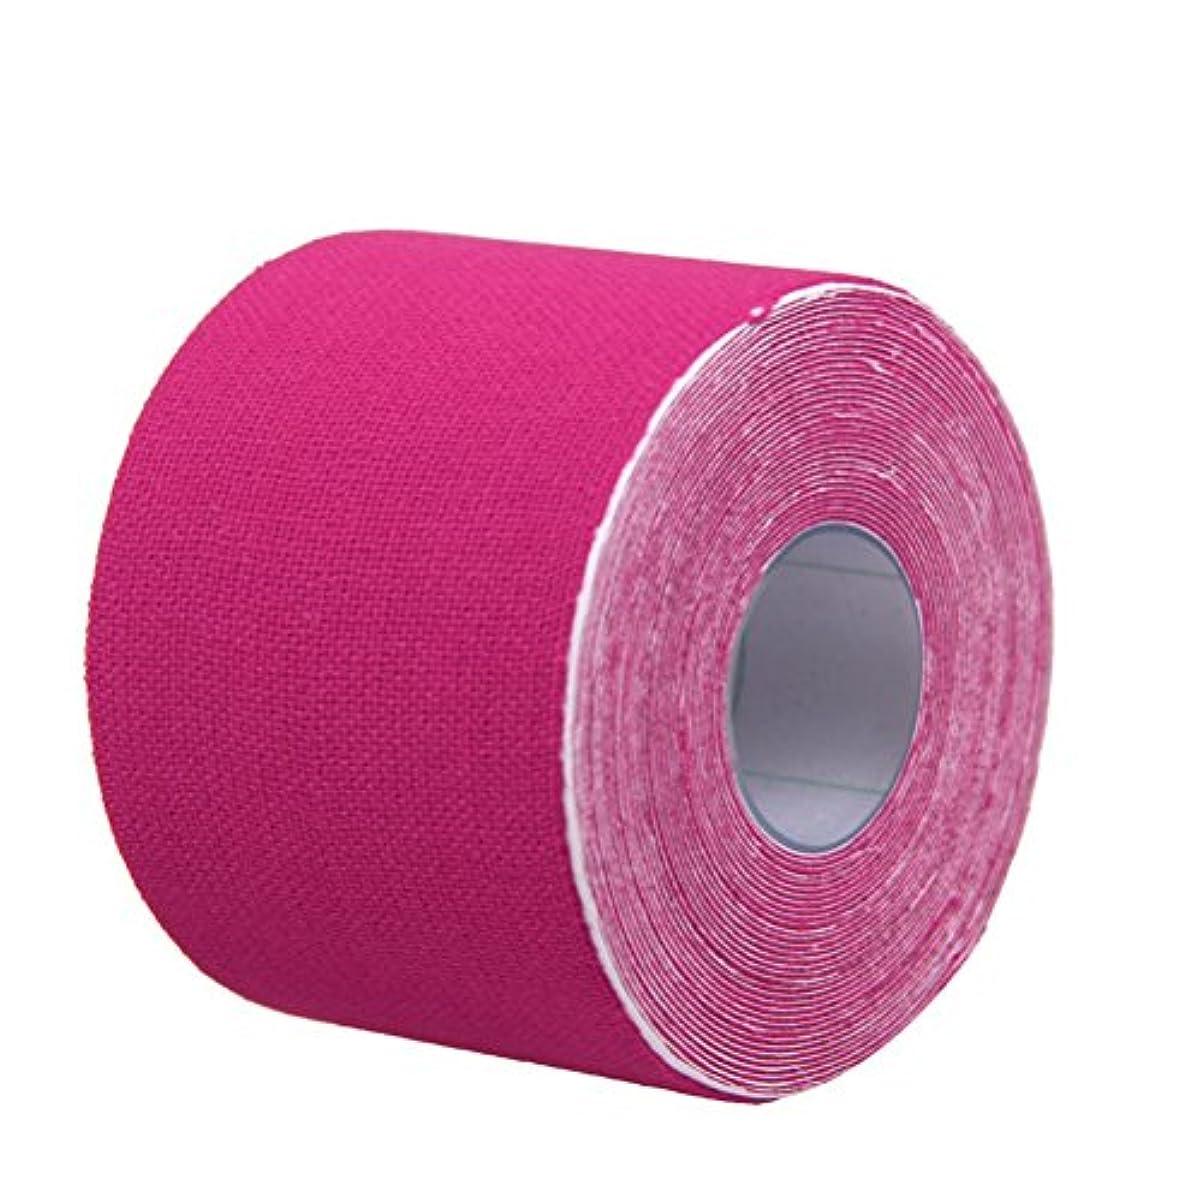 柔らかい足家主まもなくROSENICE キネシオロジーテープセットセラピースポーツフィジオセラピー500x2.5cm(ピンク)